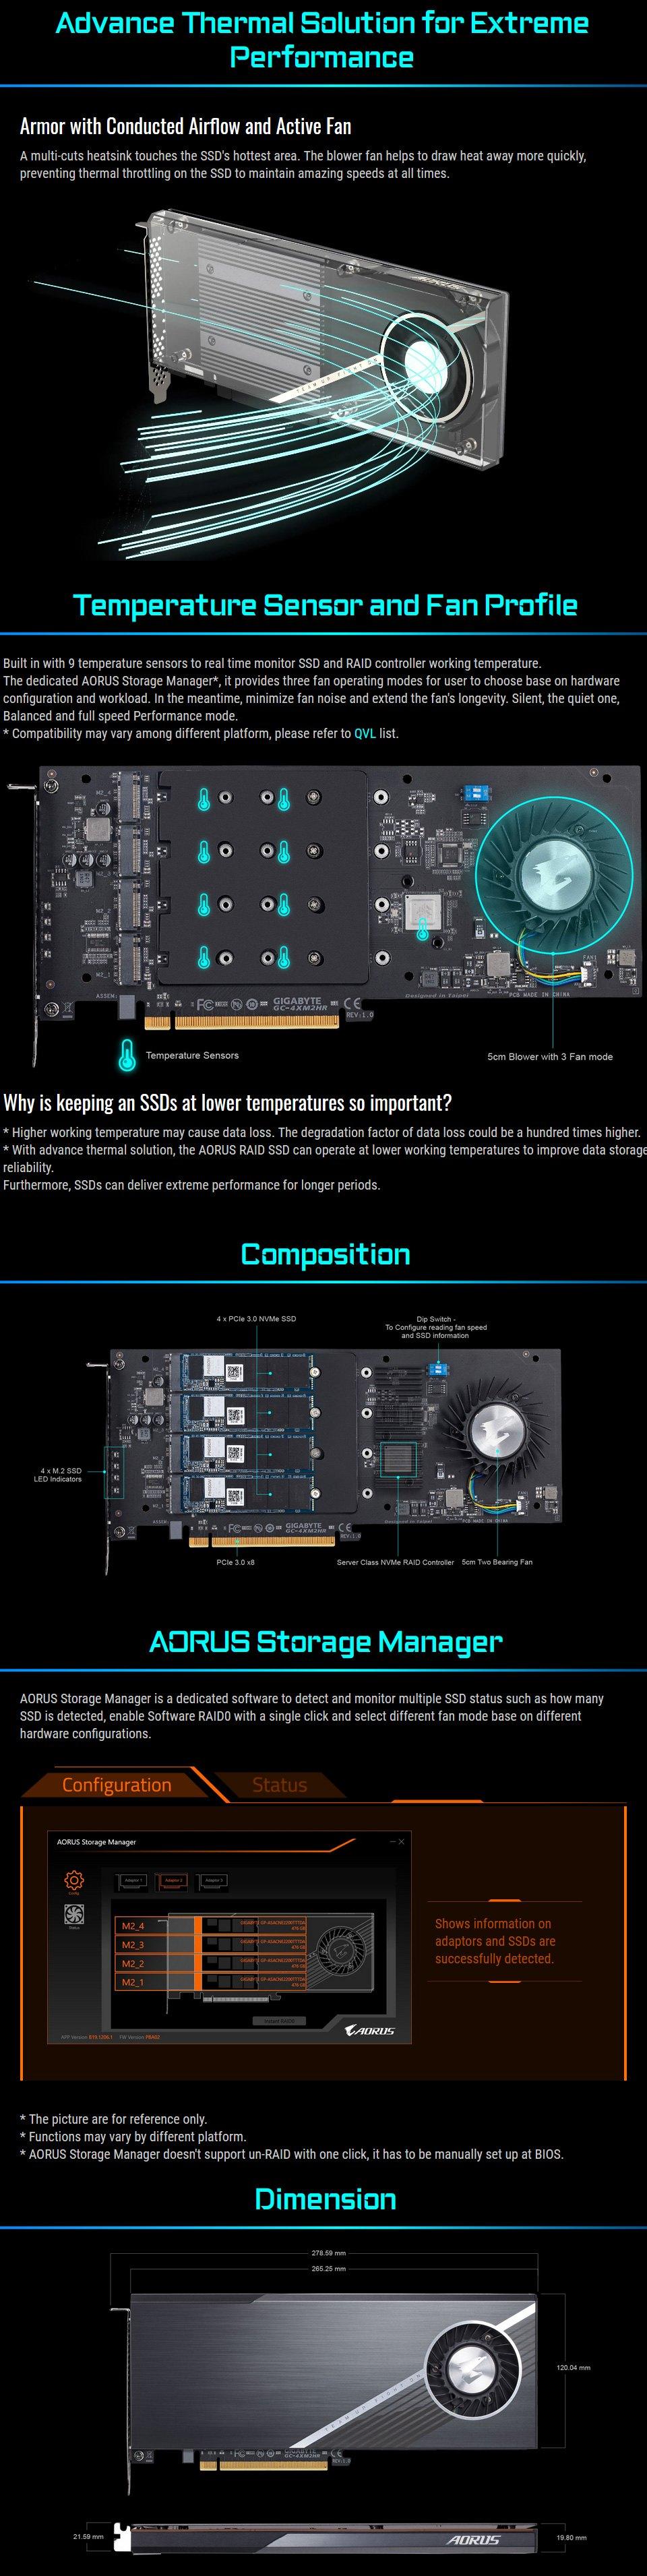 Gigabyte AORUS PCIe Raid SSD 2TB (4x512GB NVMe) features 2